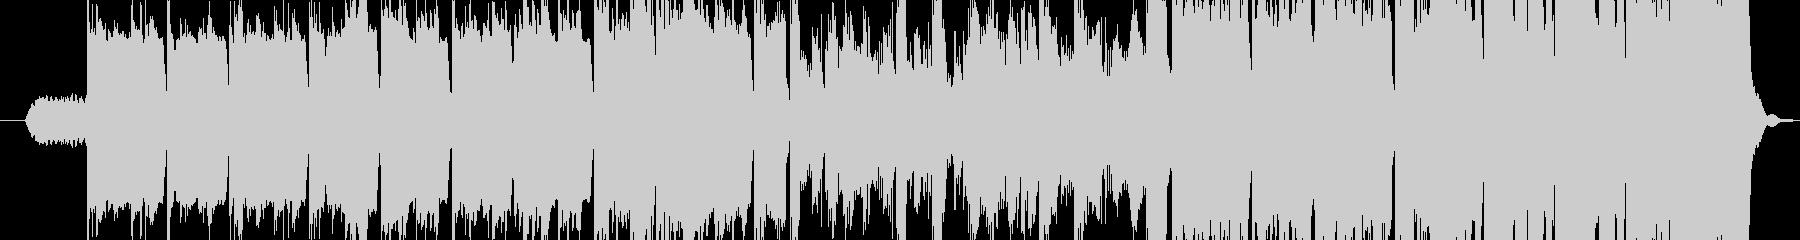 ゆっくりとしたケルト哀愁バグパイプの未再生の波形